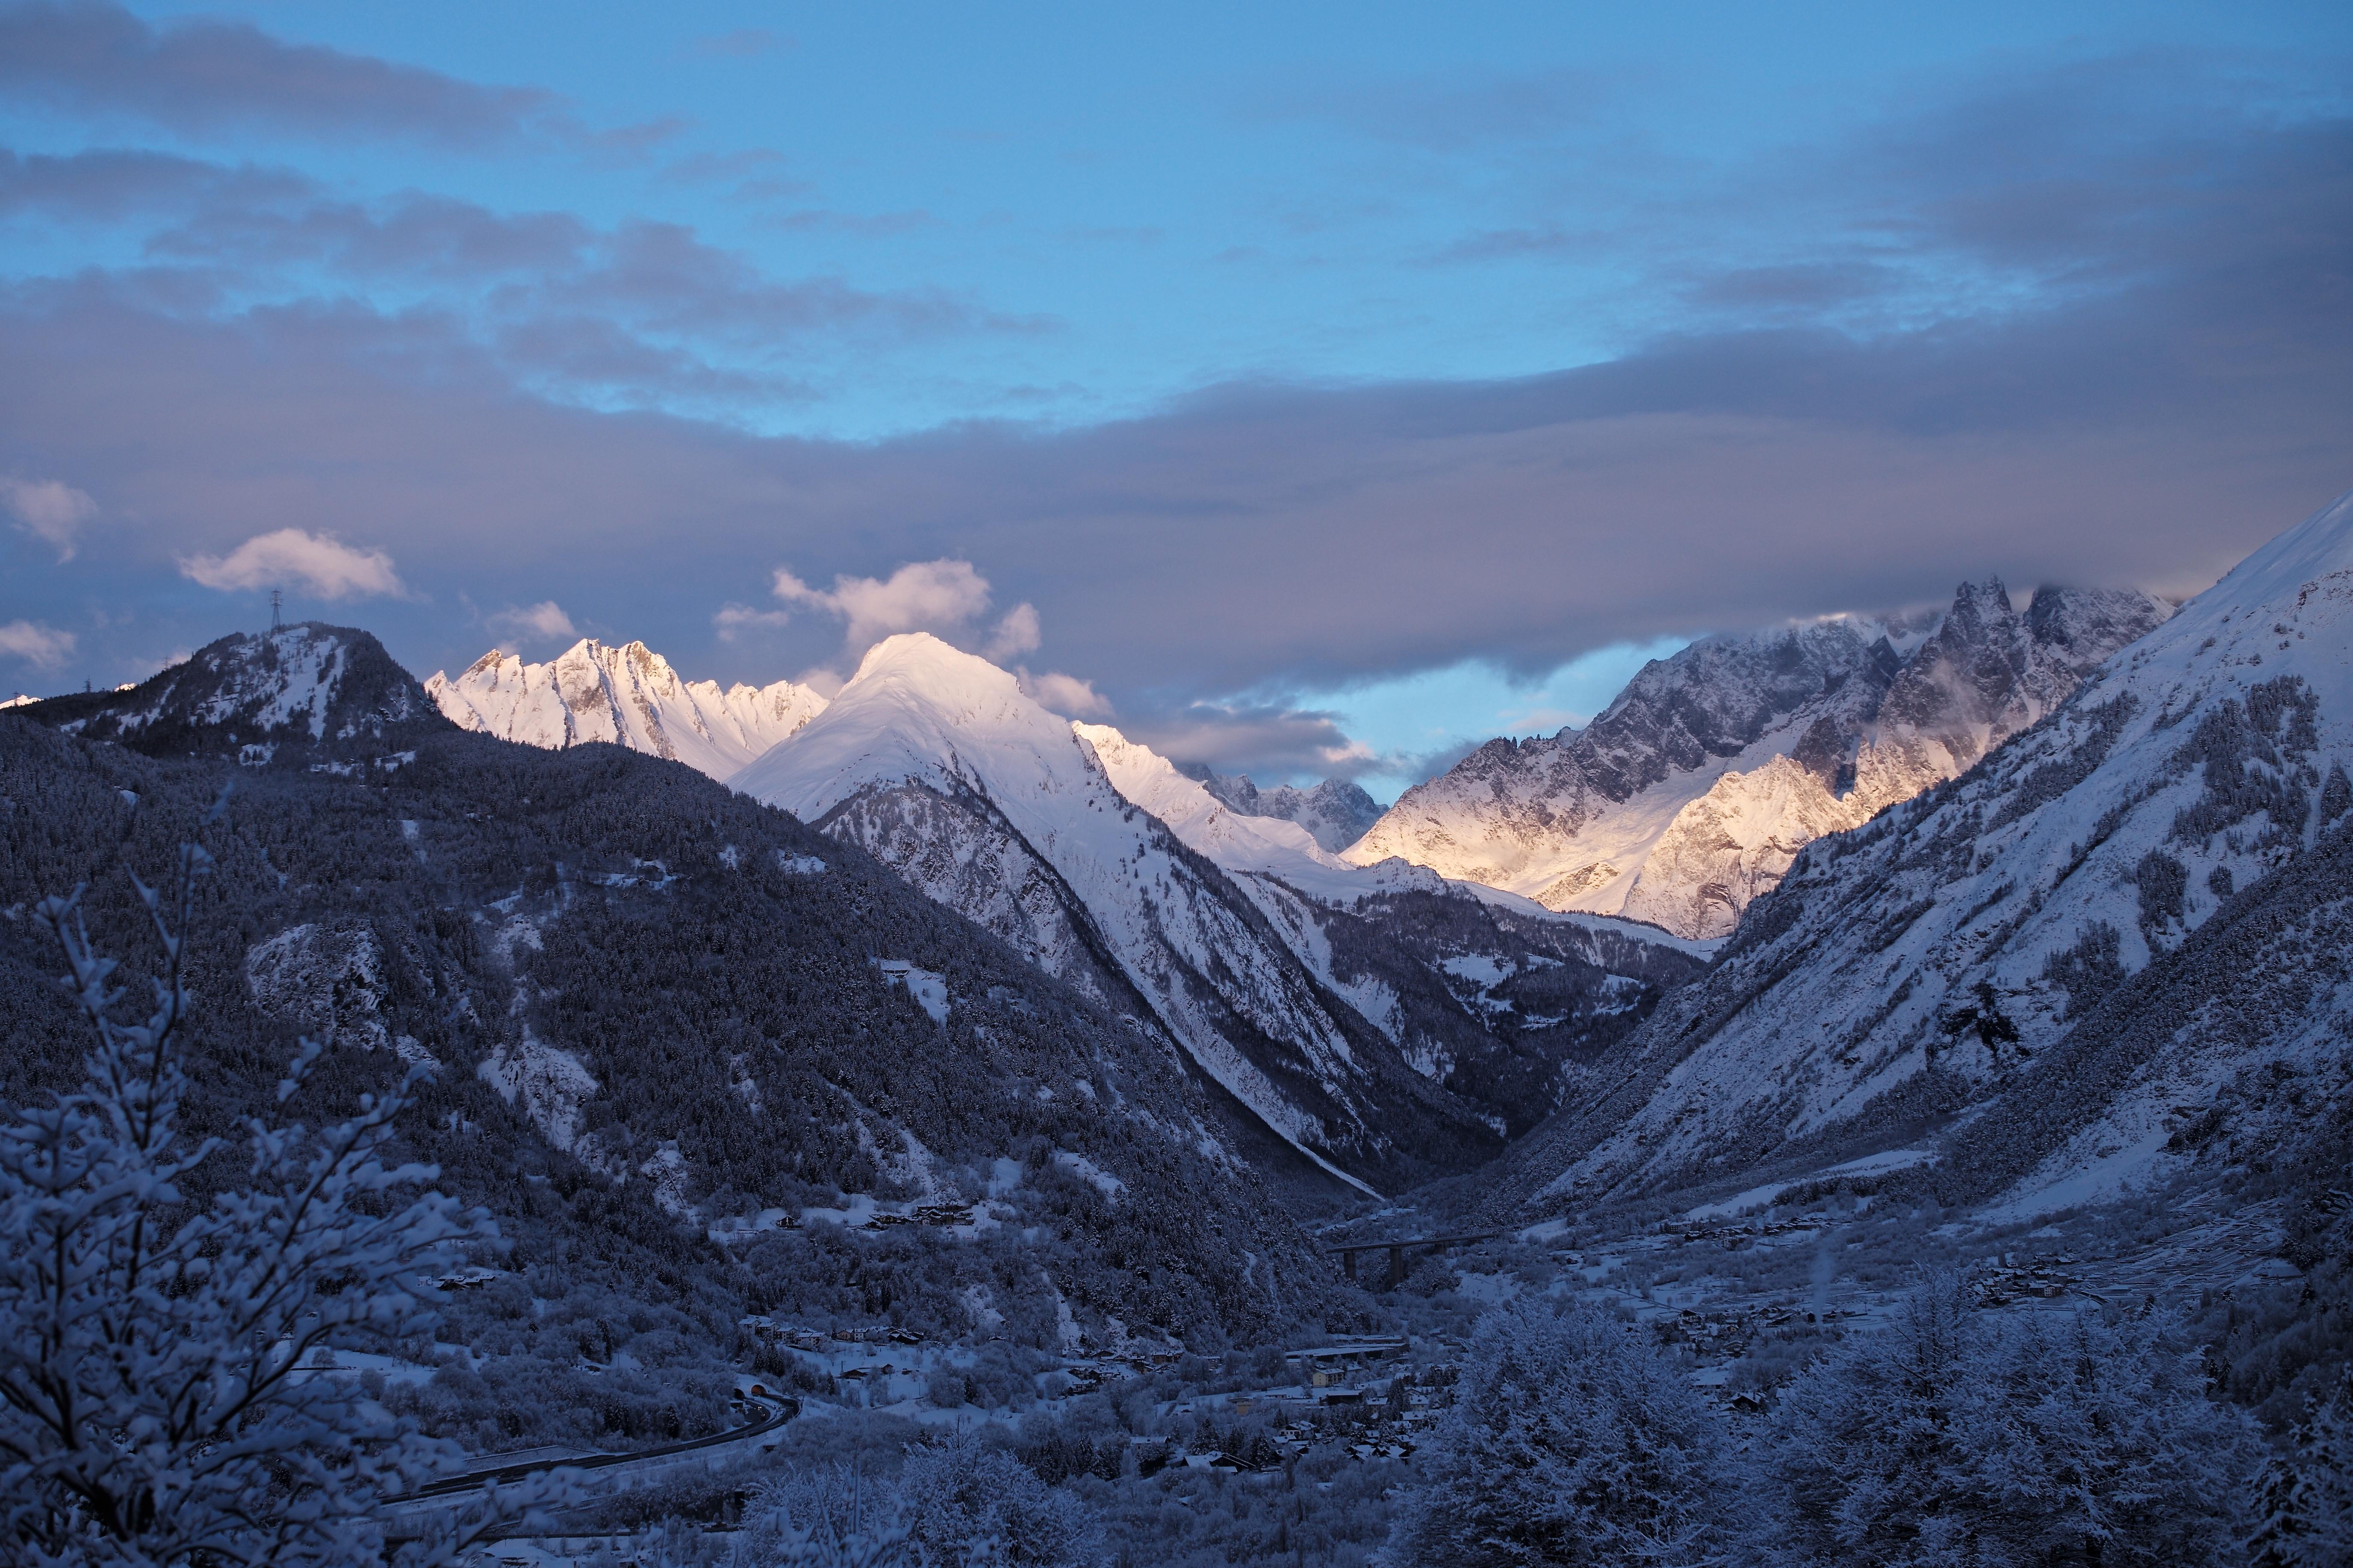 Fotos gratis : paisaje, naturaleza, desierto, montaña ...